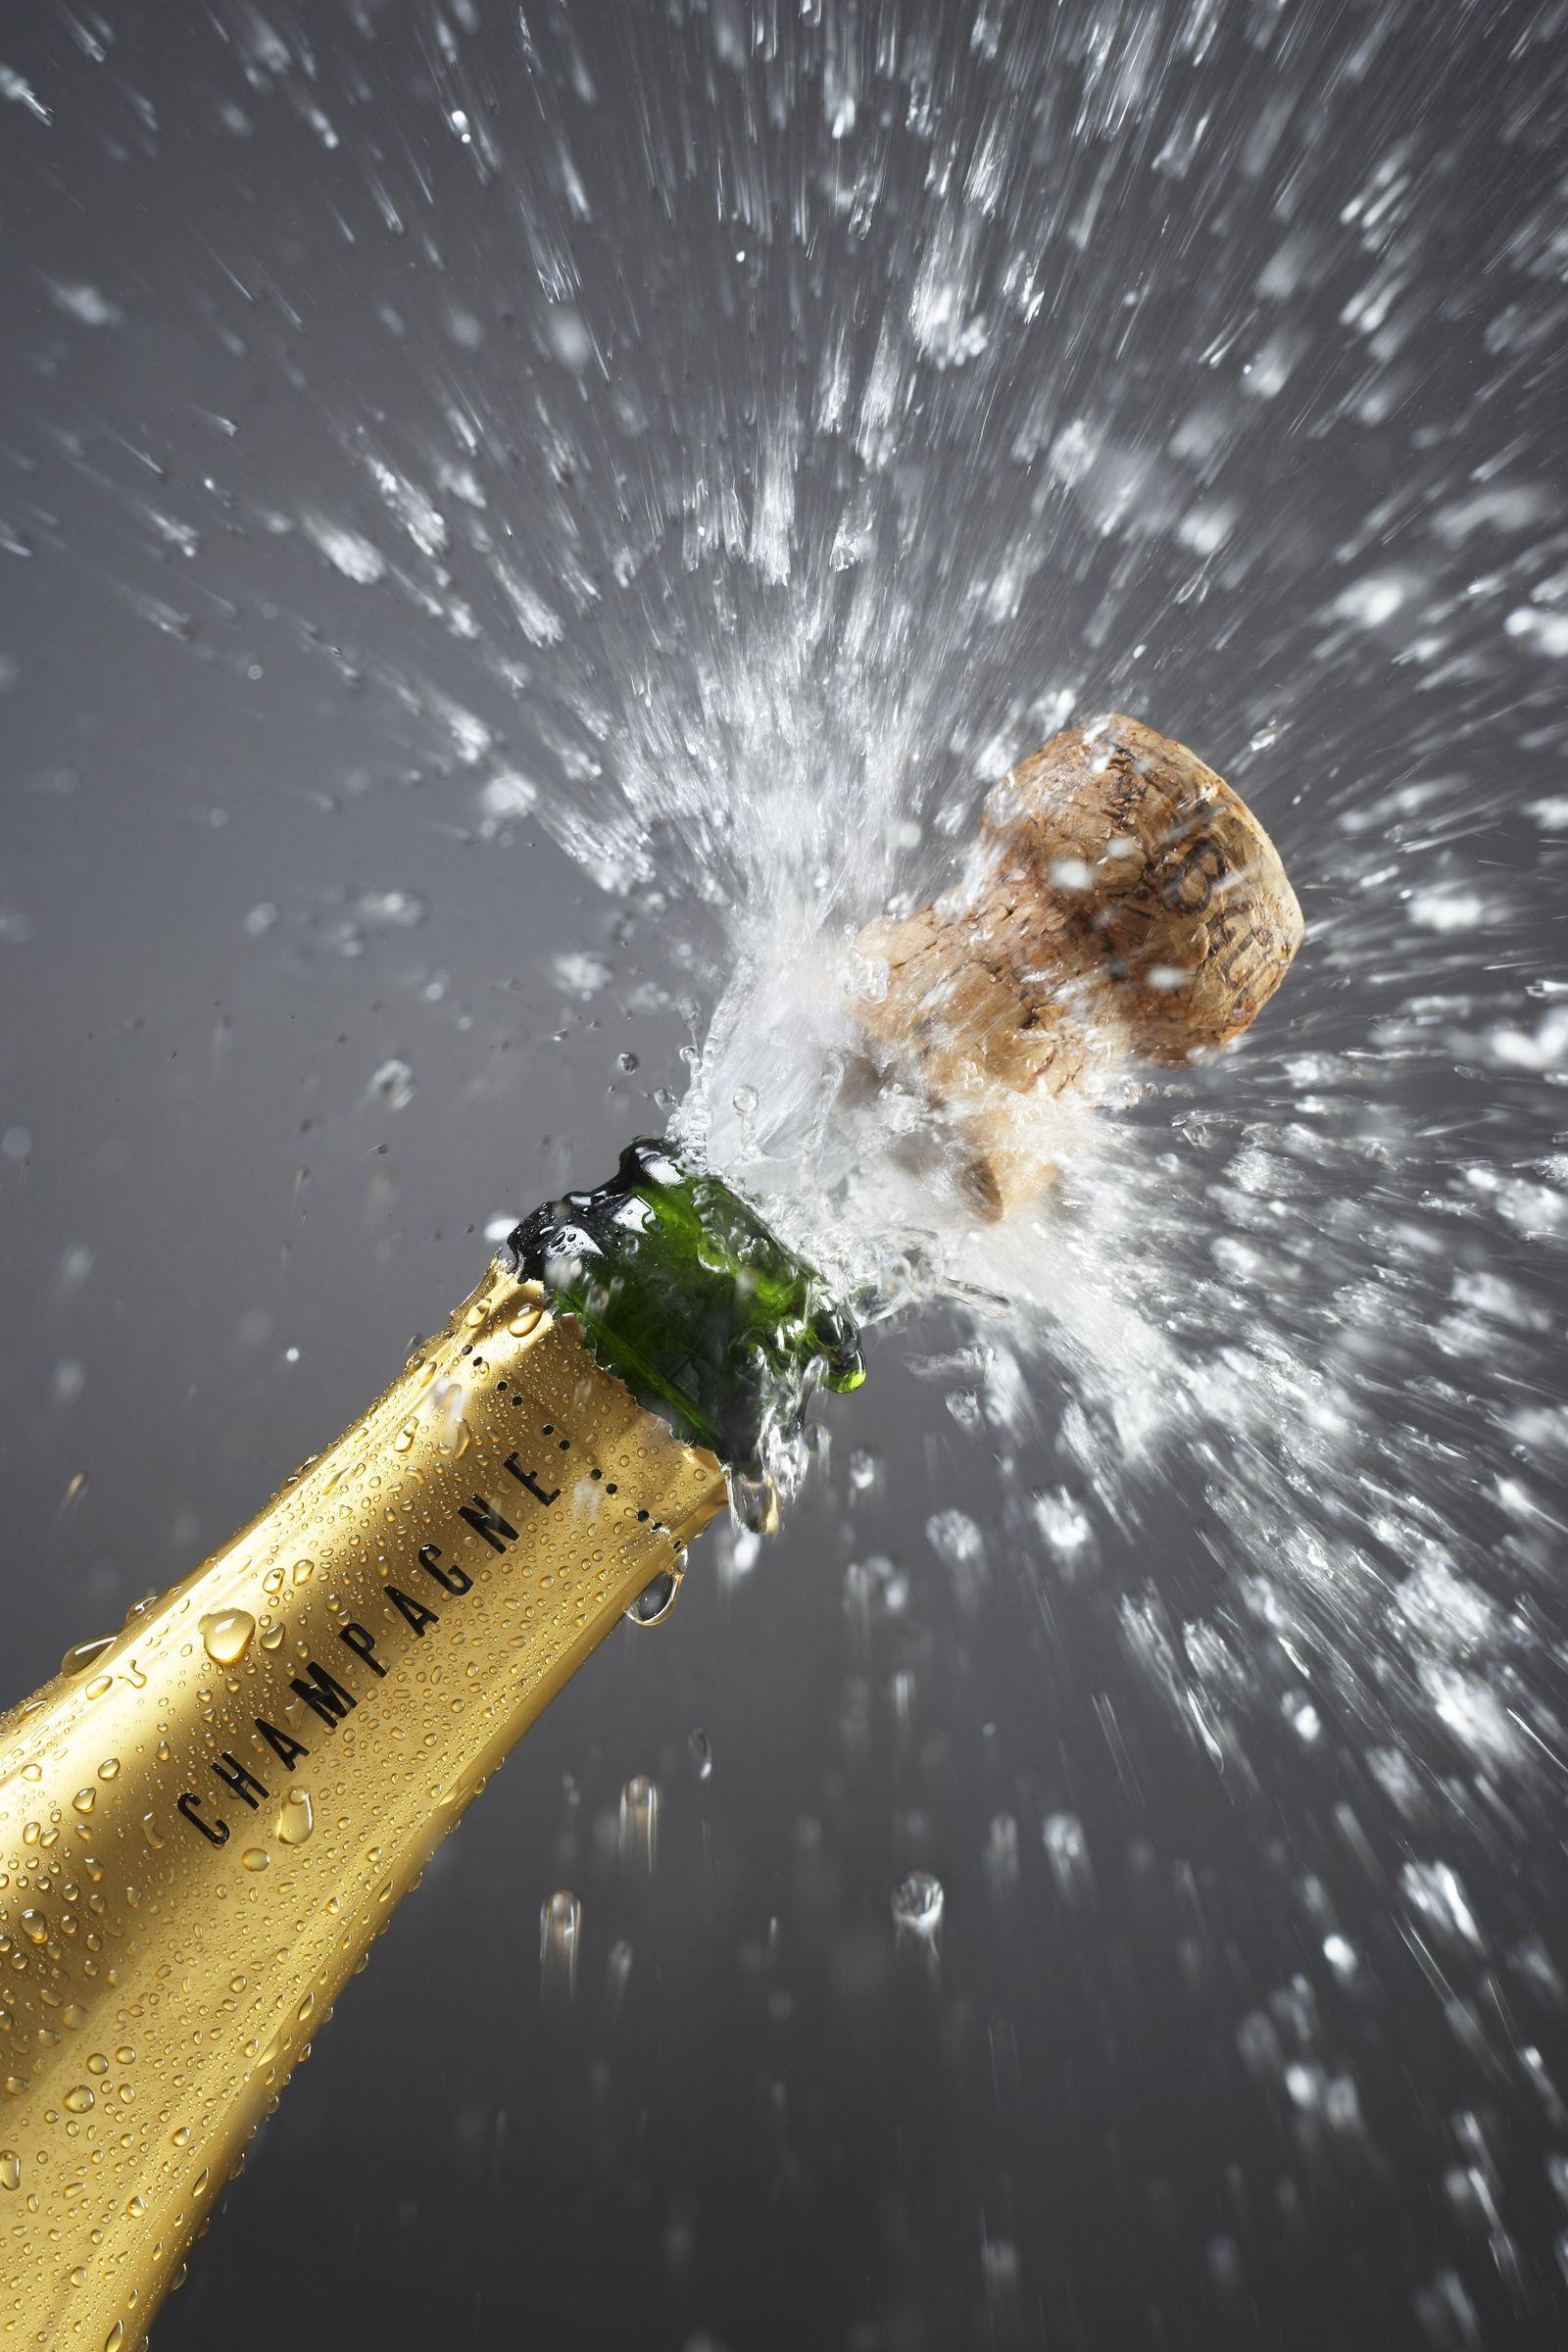 NICHT MEHR VERWENDEN! - Champagner